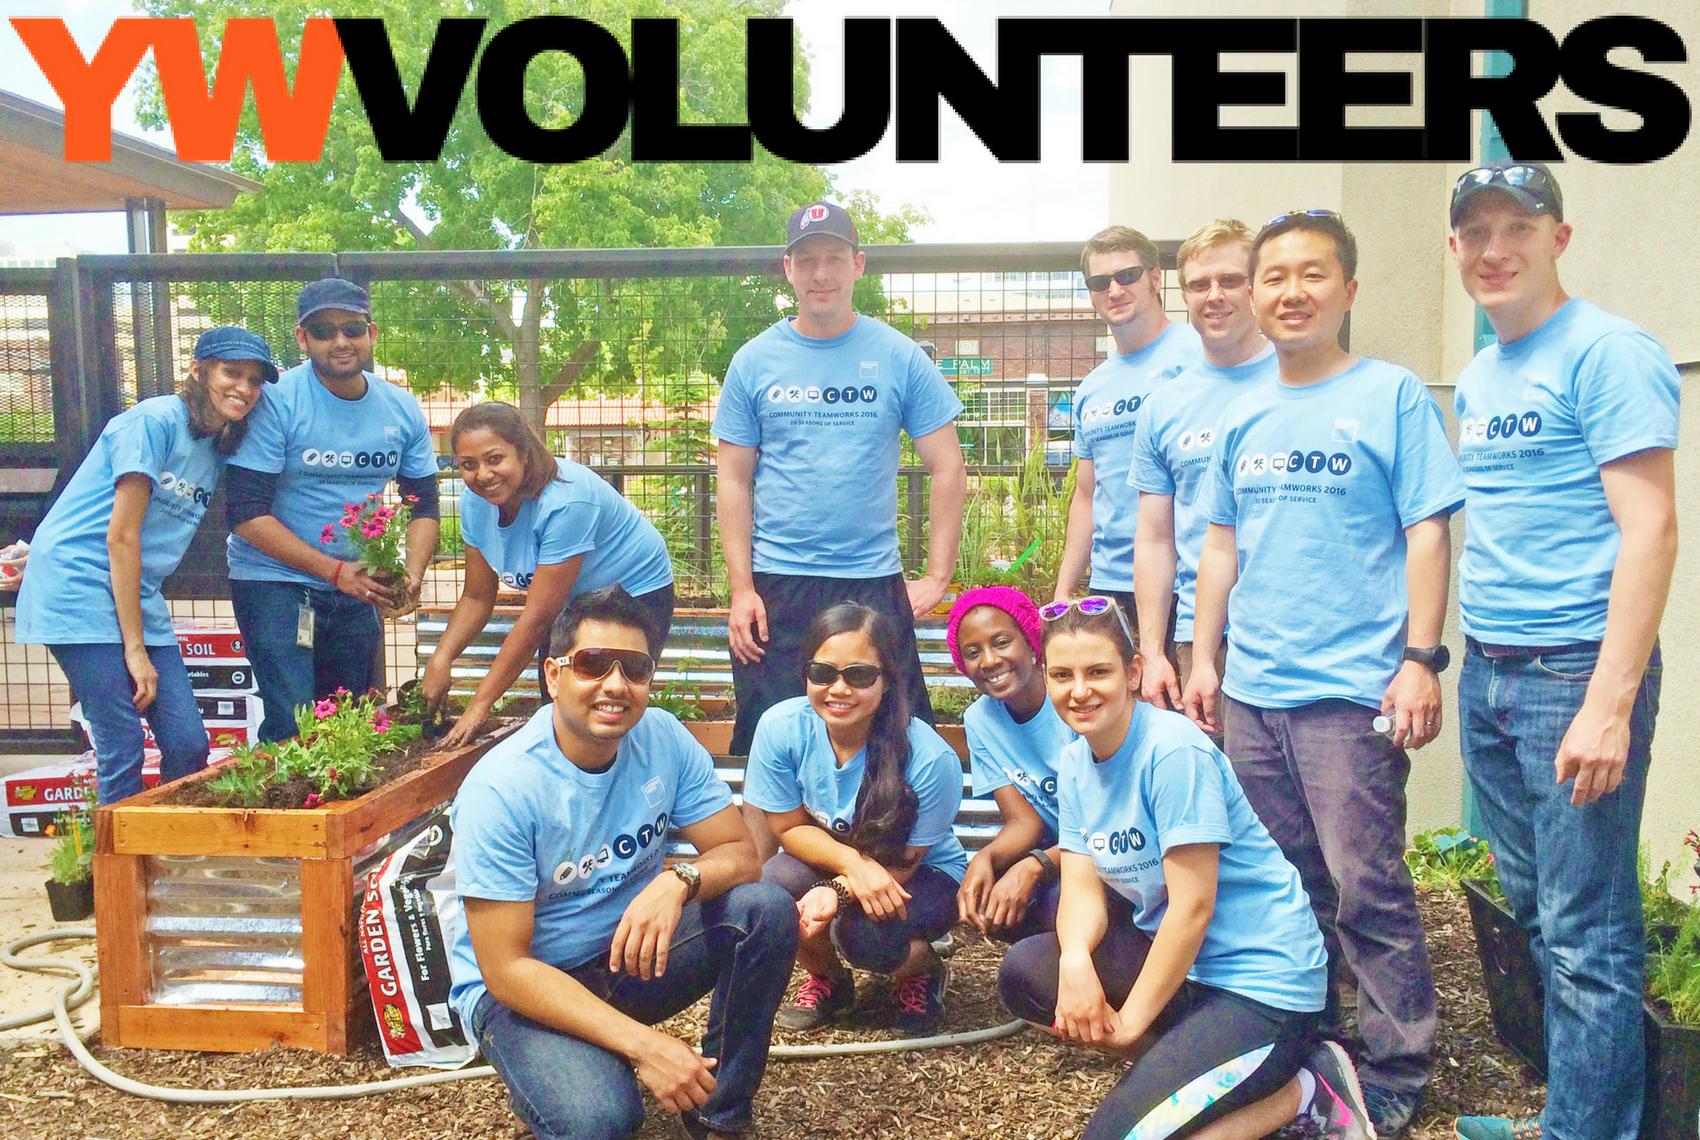 volunteer at the ywca utah